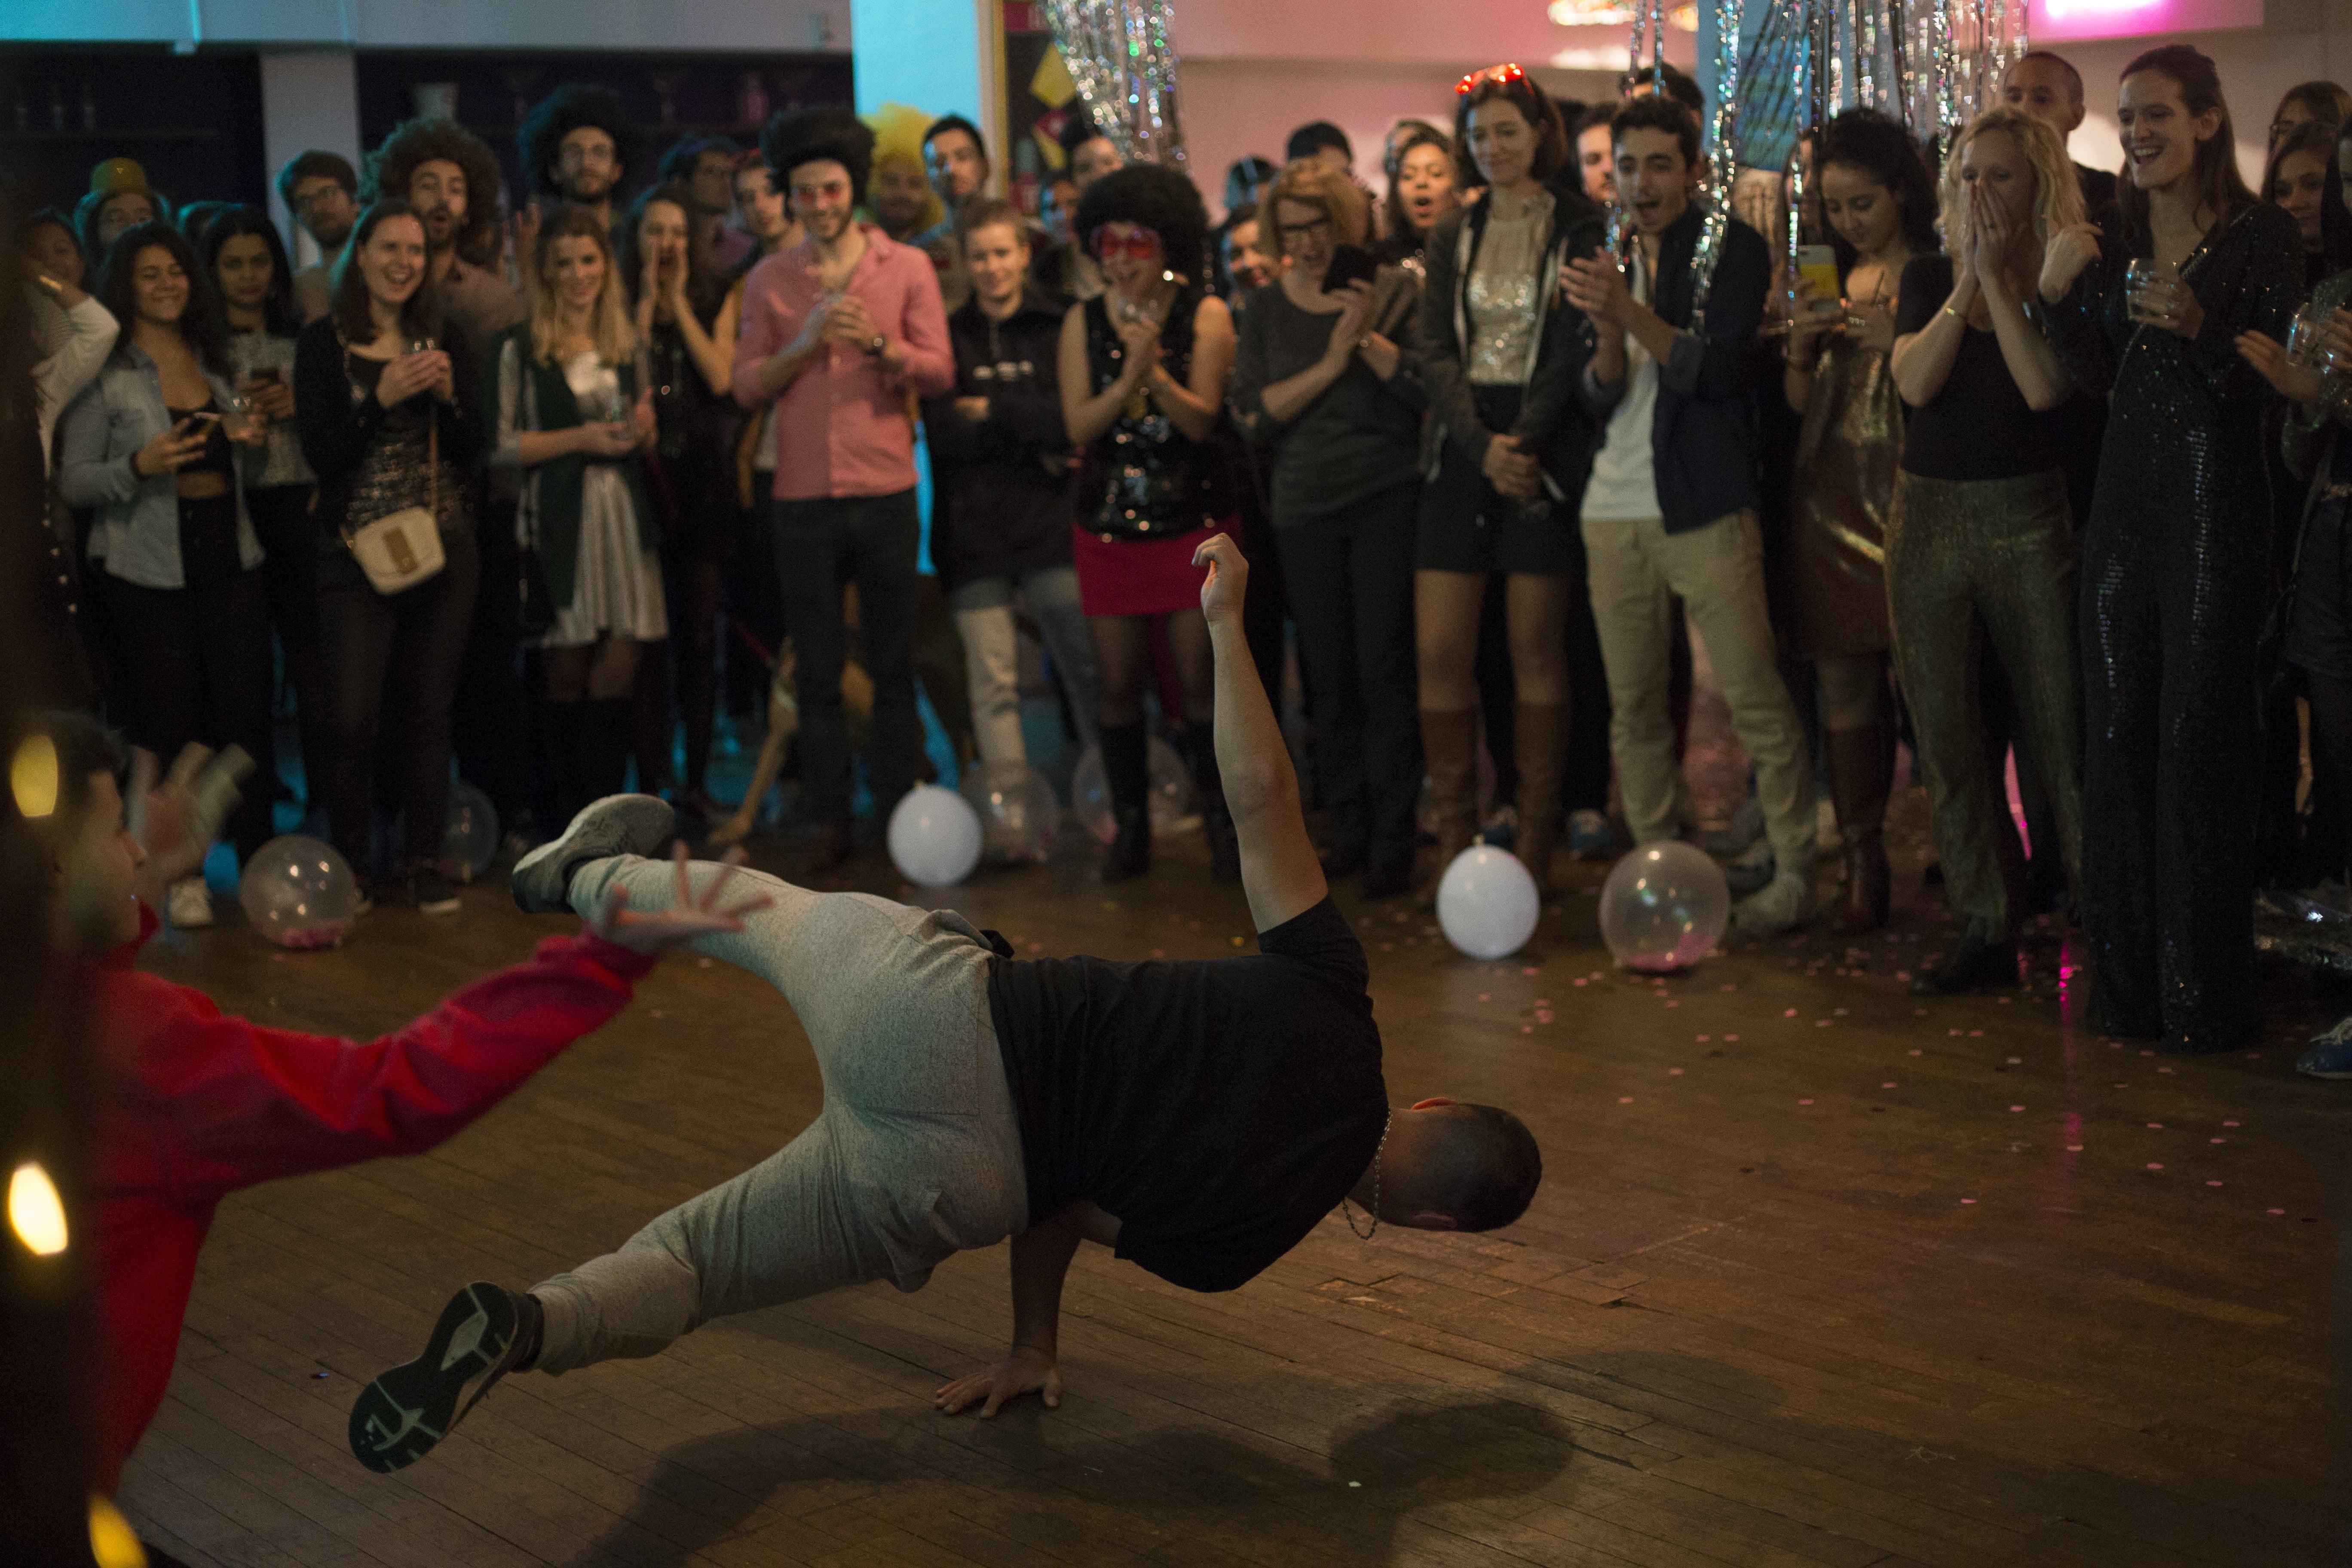 Spectacle hiphop breakdance soirée - Streetsmile